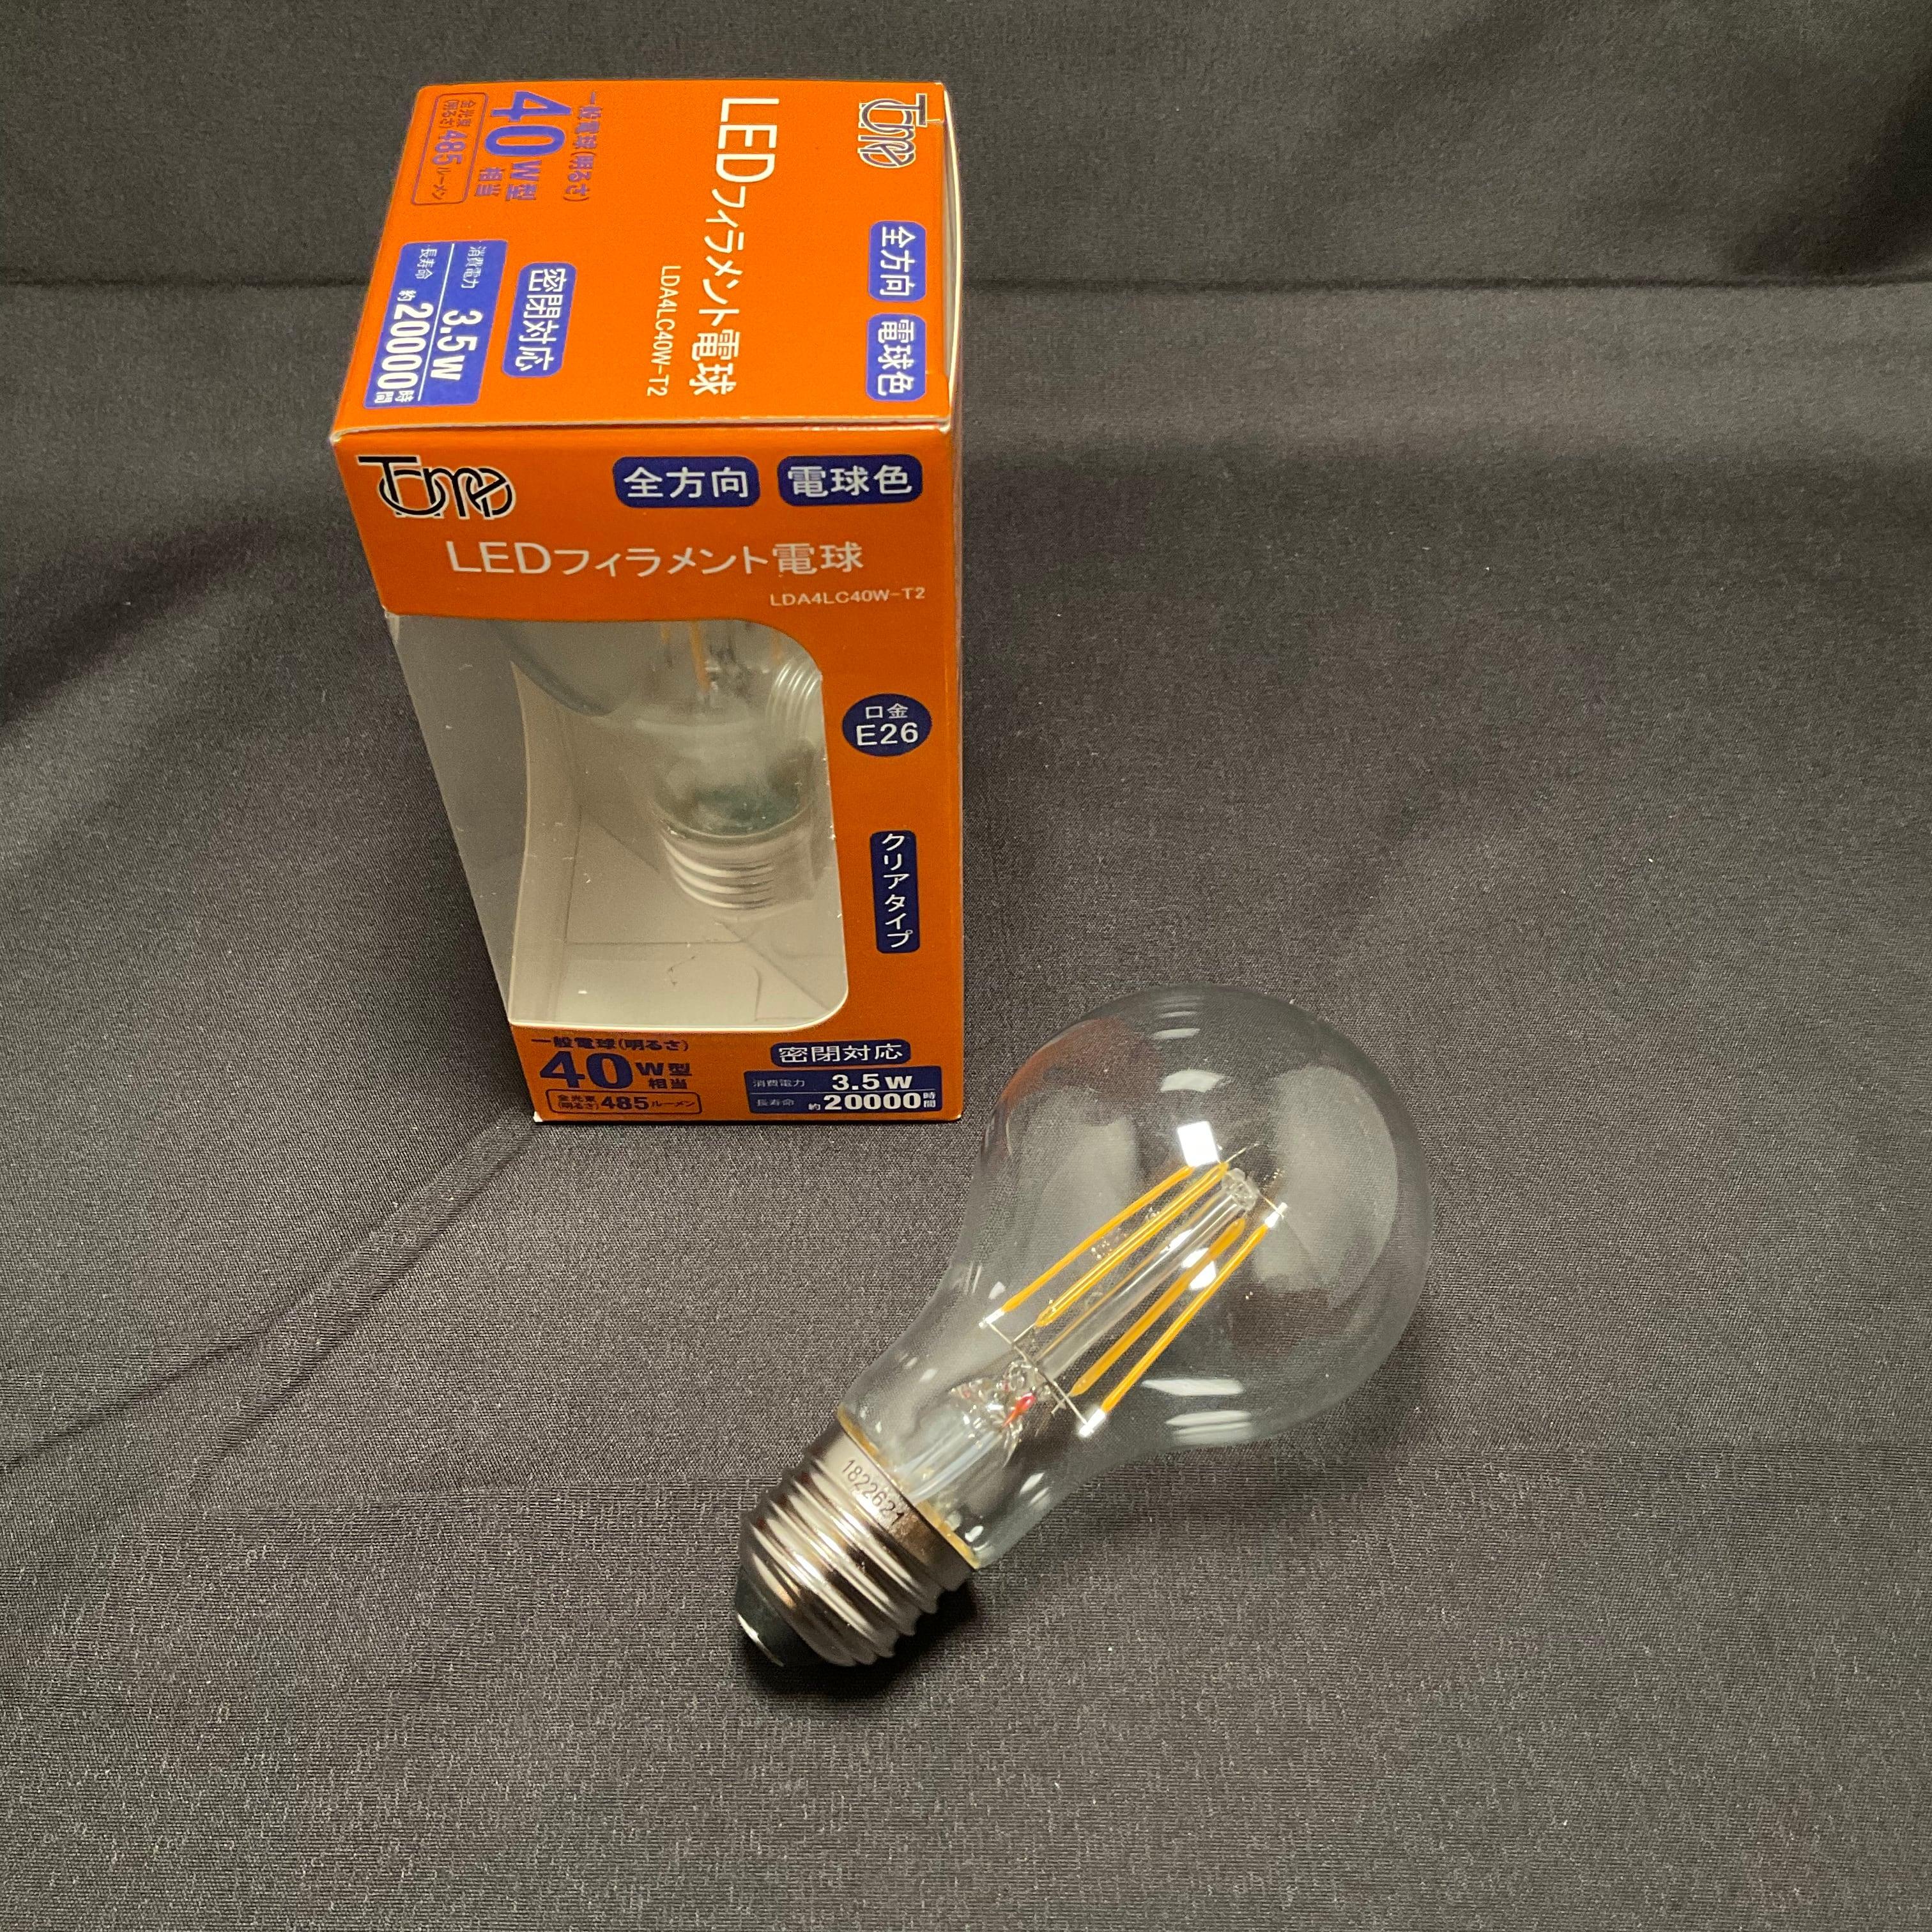 E26 40W相当 フィラメント型 クリアタイプ(LED電球)